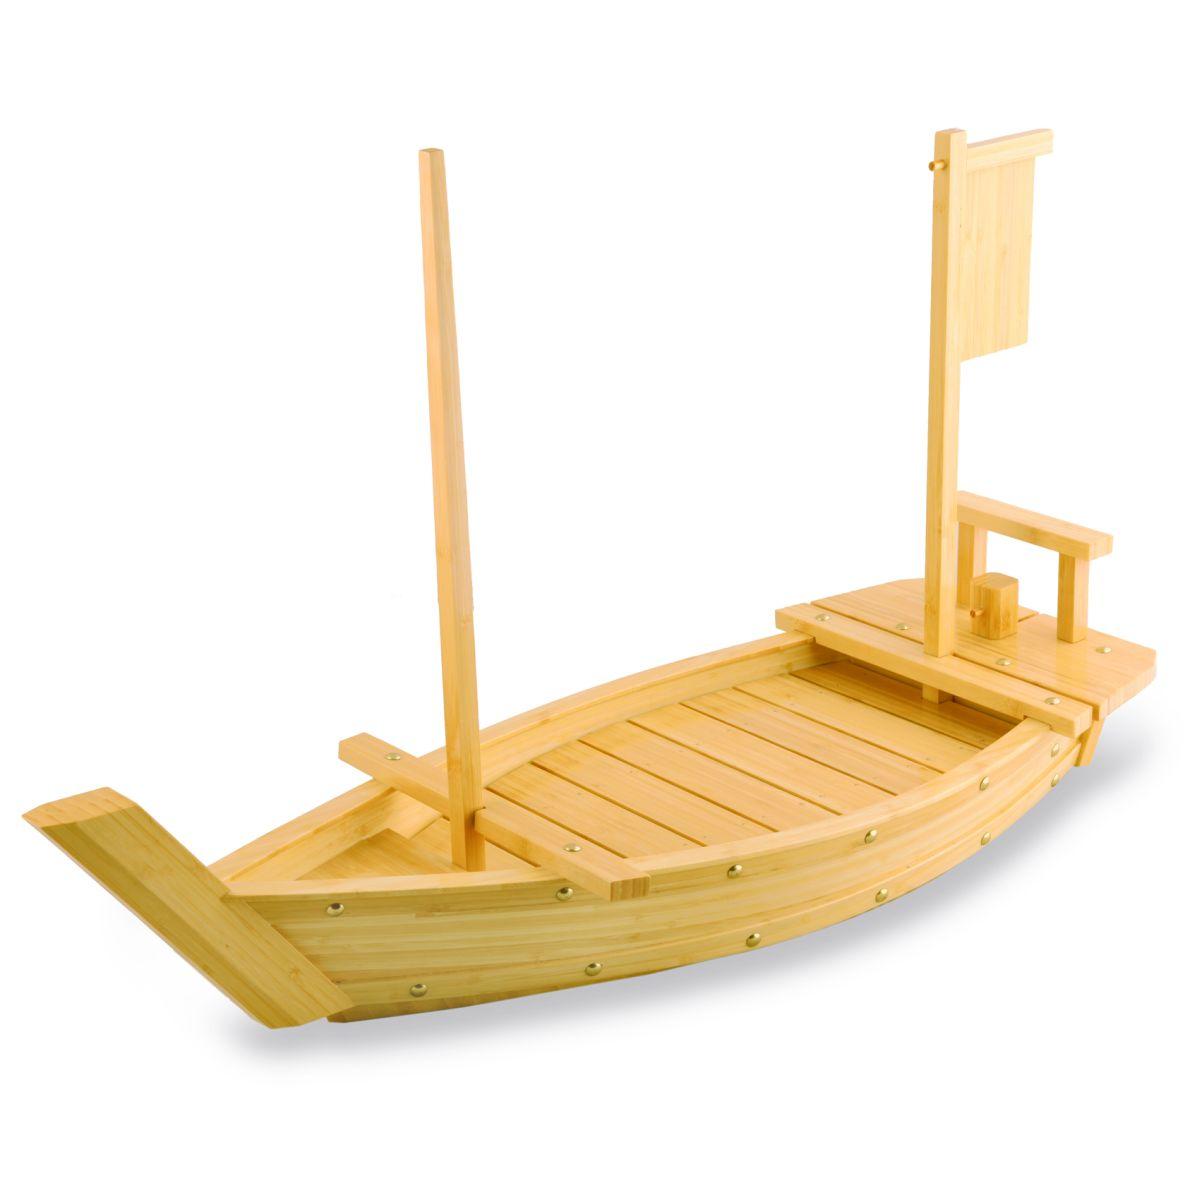 как сделать лодку из бамбука